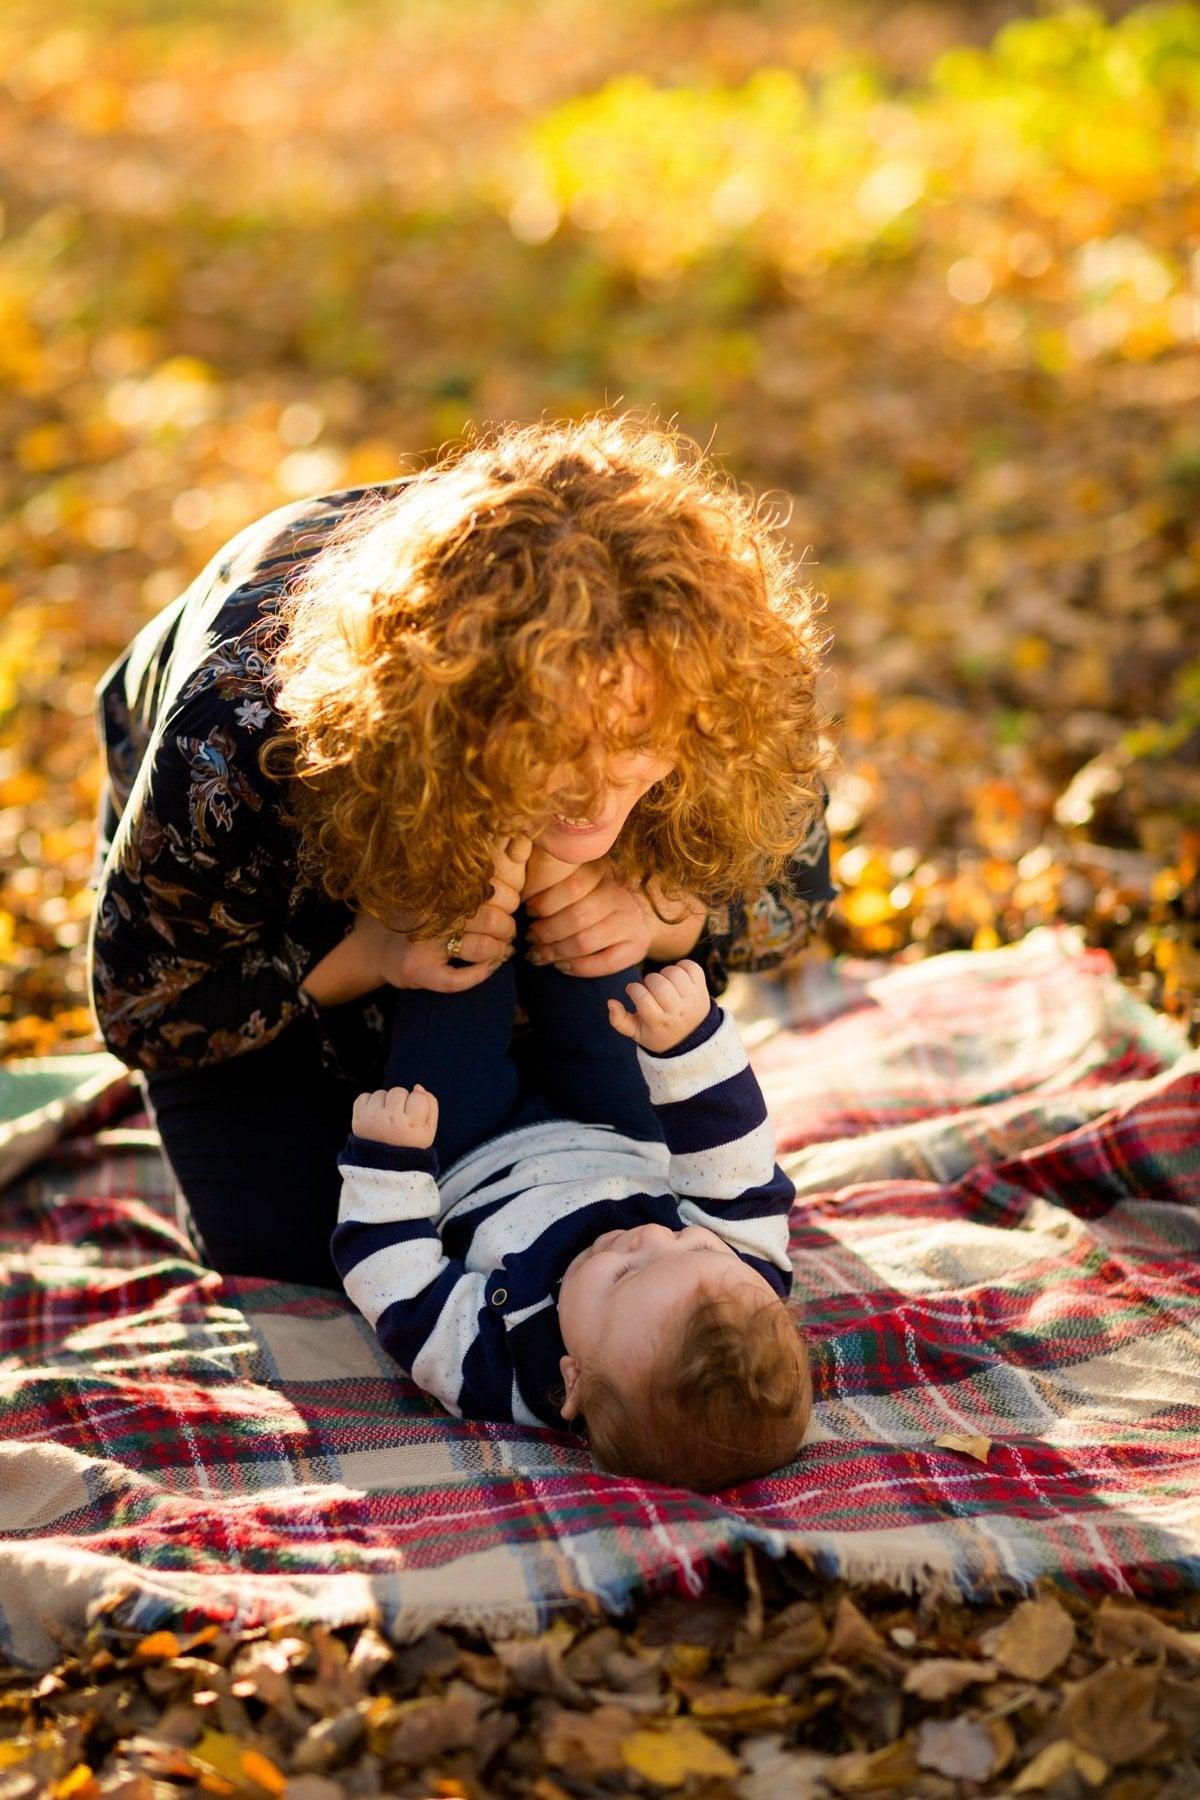 jesienna sesja rodzinna fotograf pszczyna 18m Jesienna sesja rodzinna